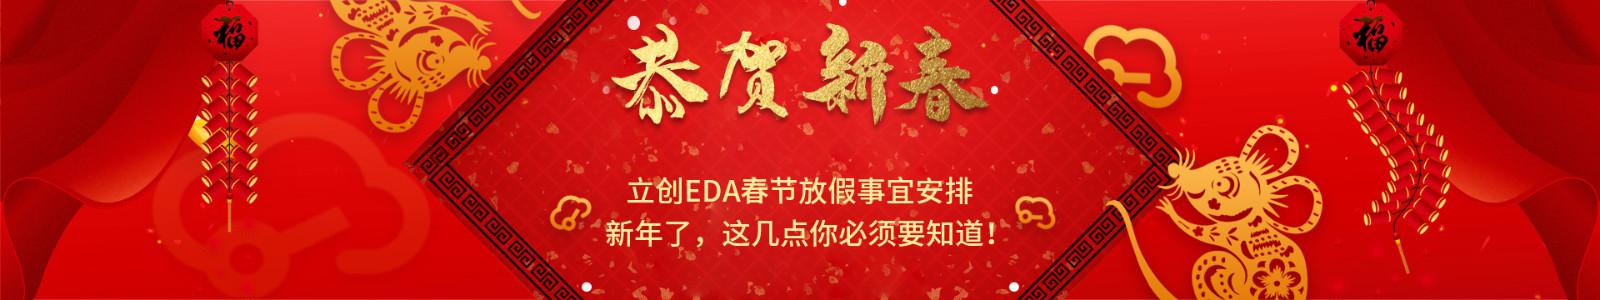 立创EDA春节放假事宜安排